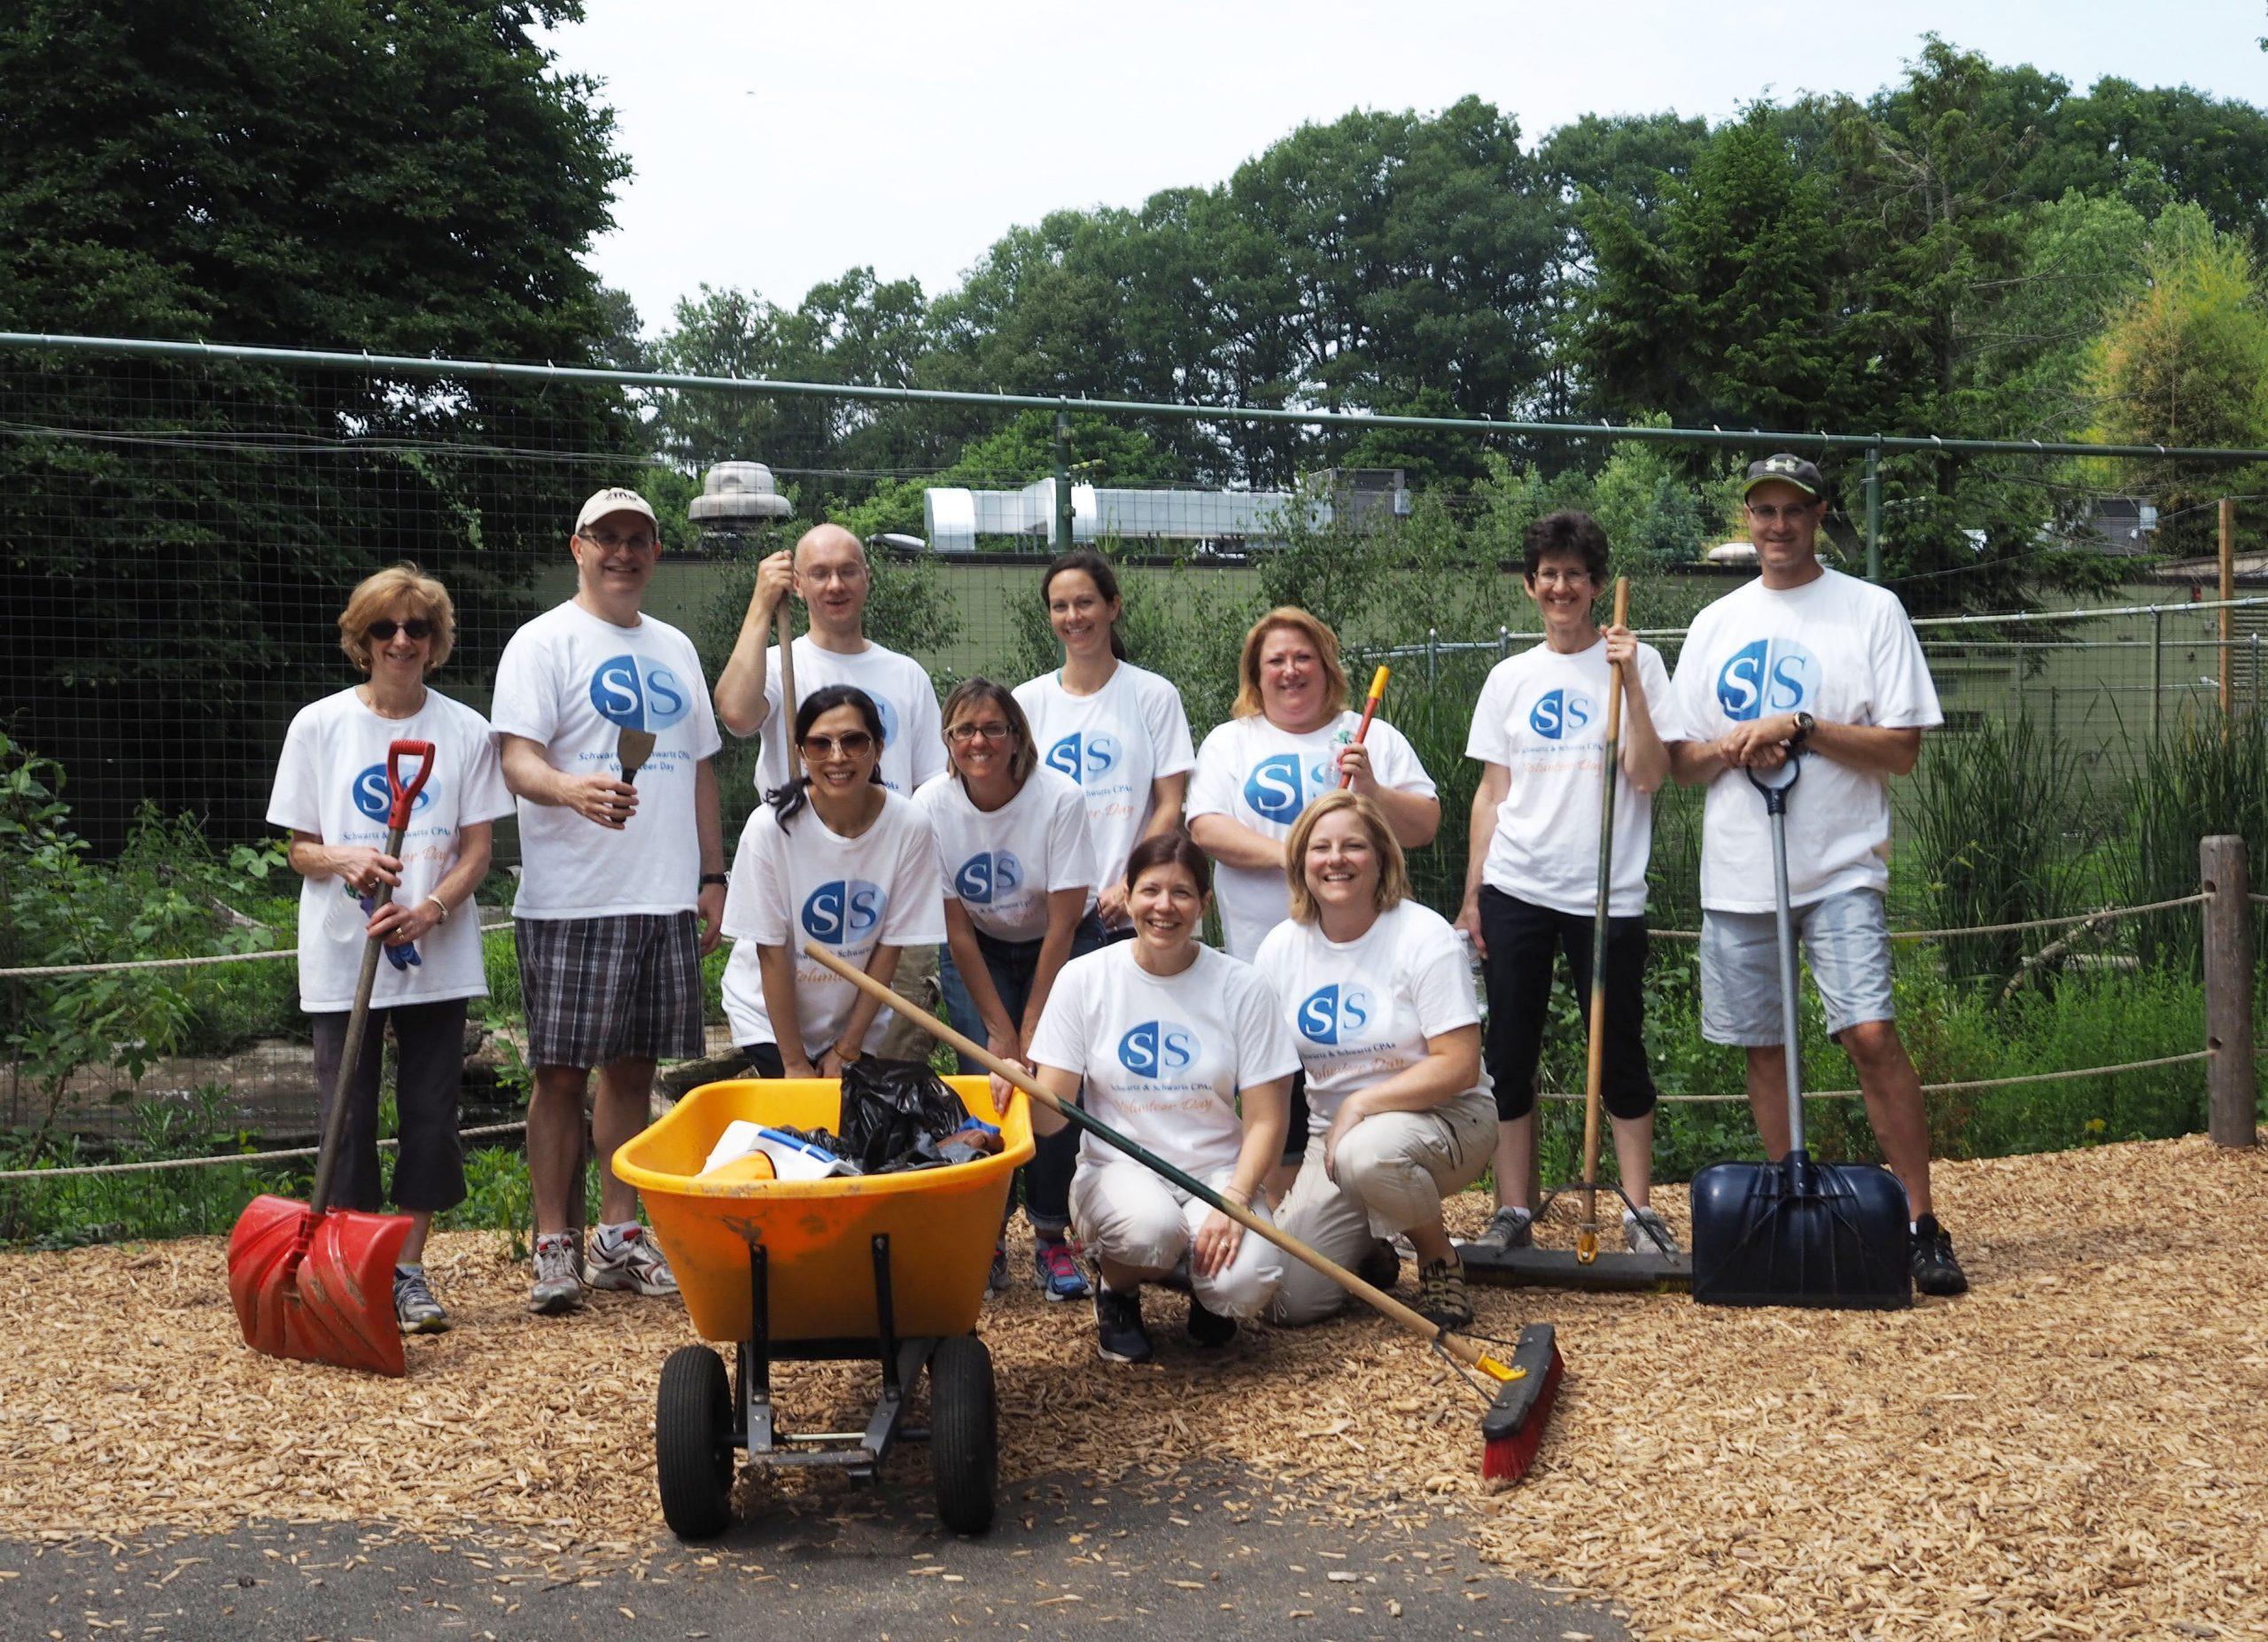 SS group volunteer 2015